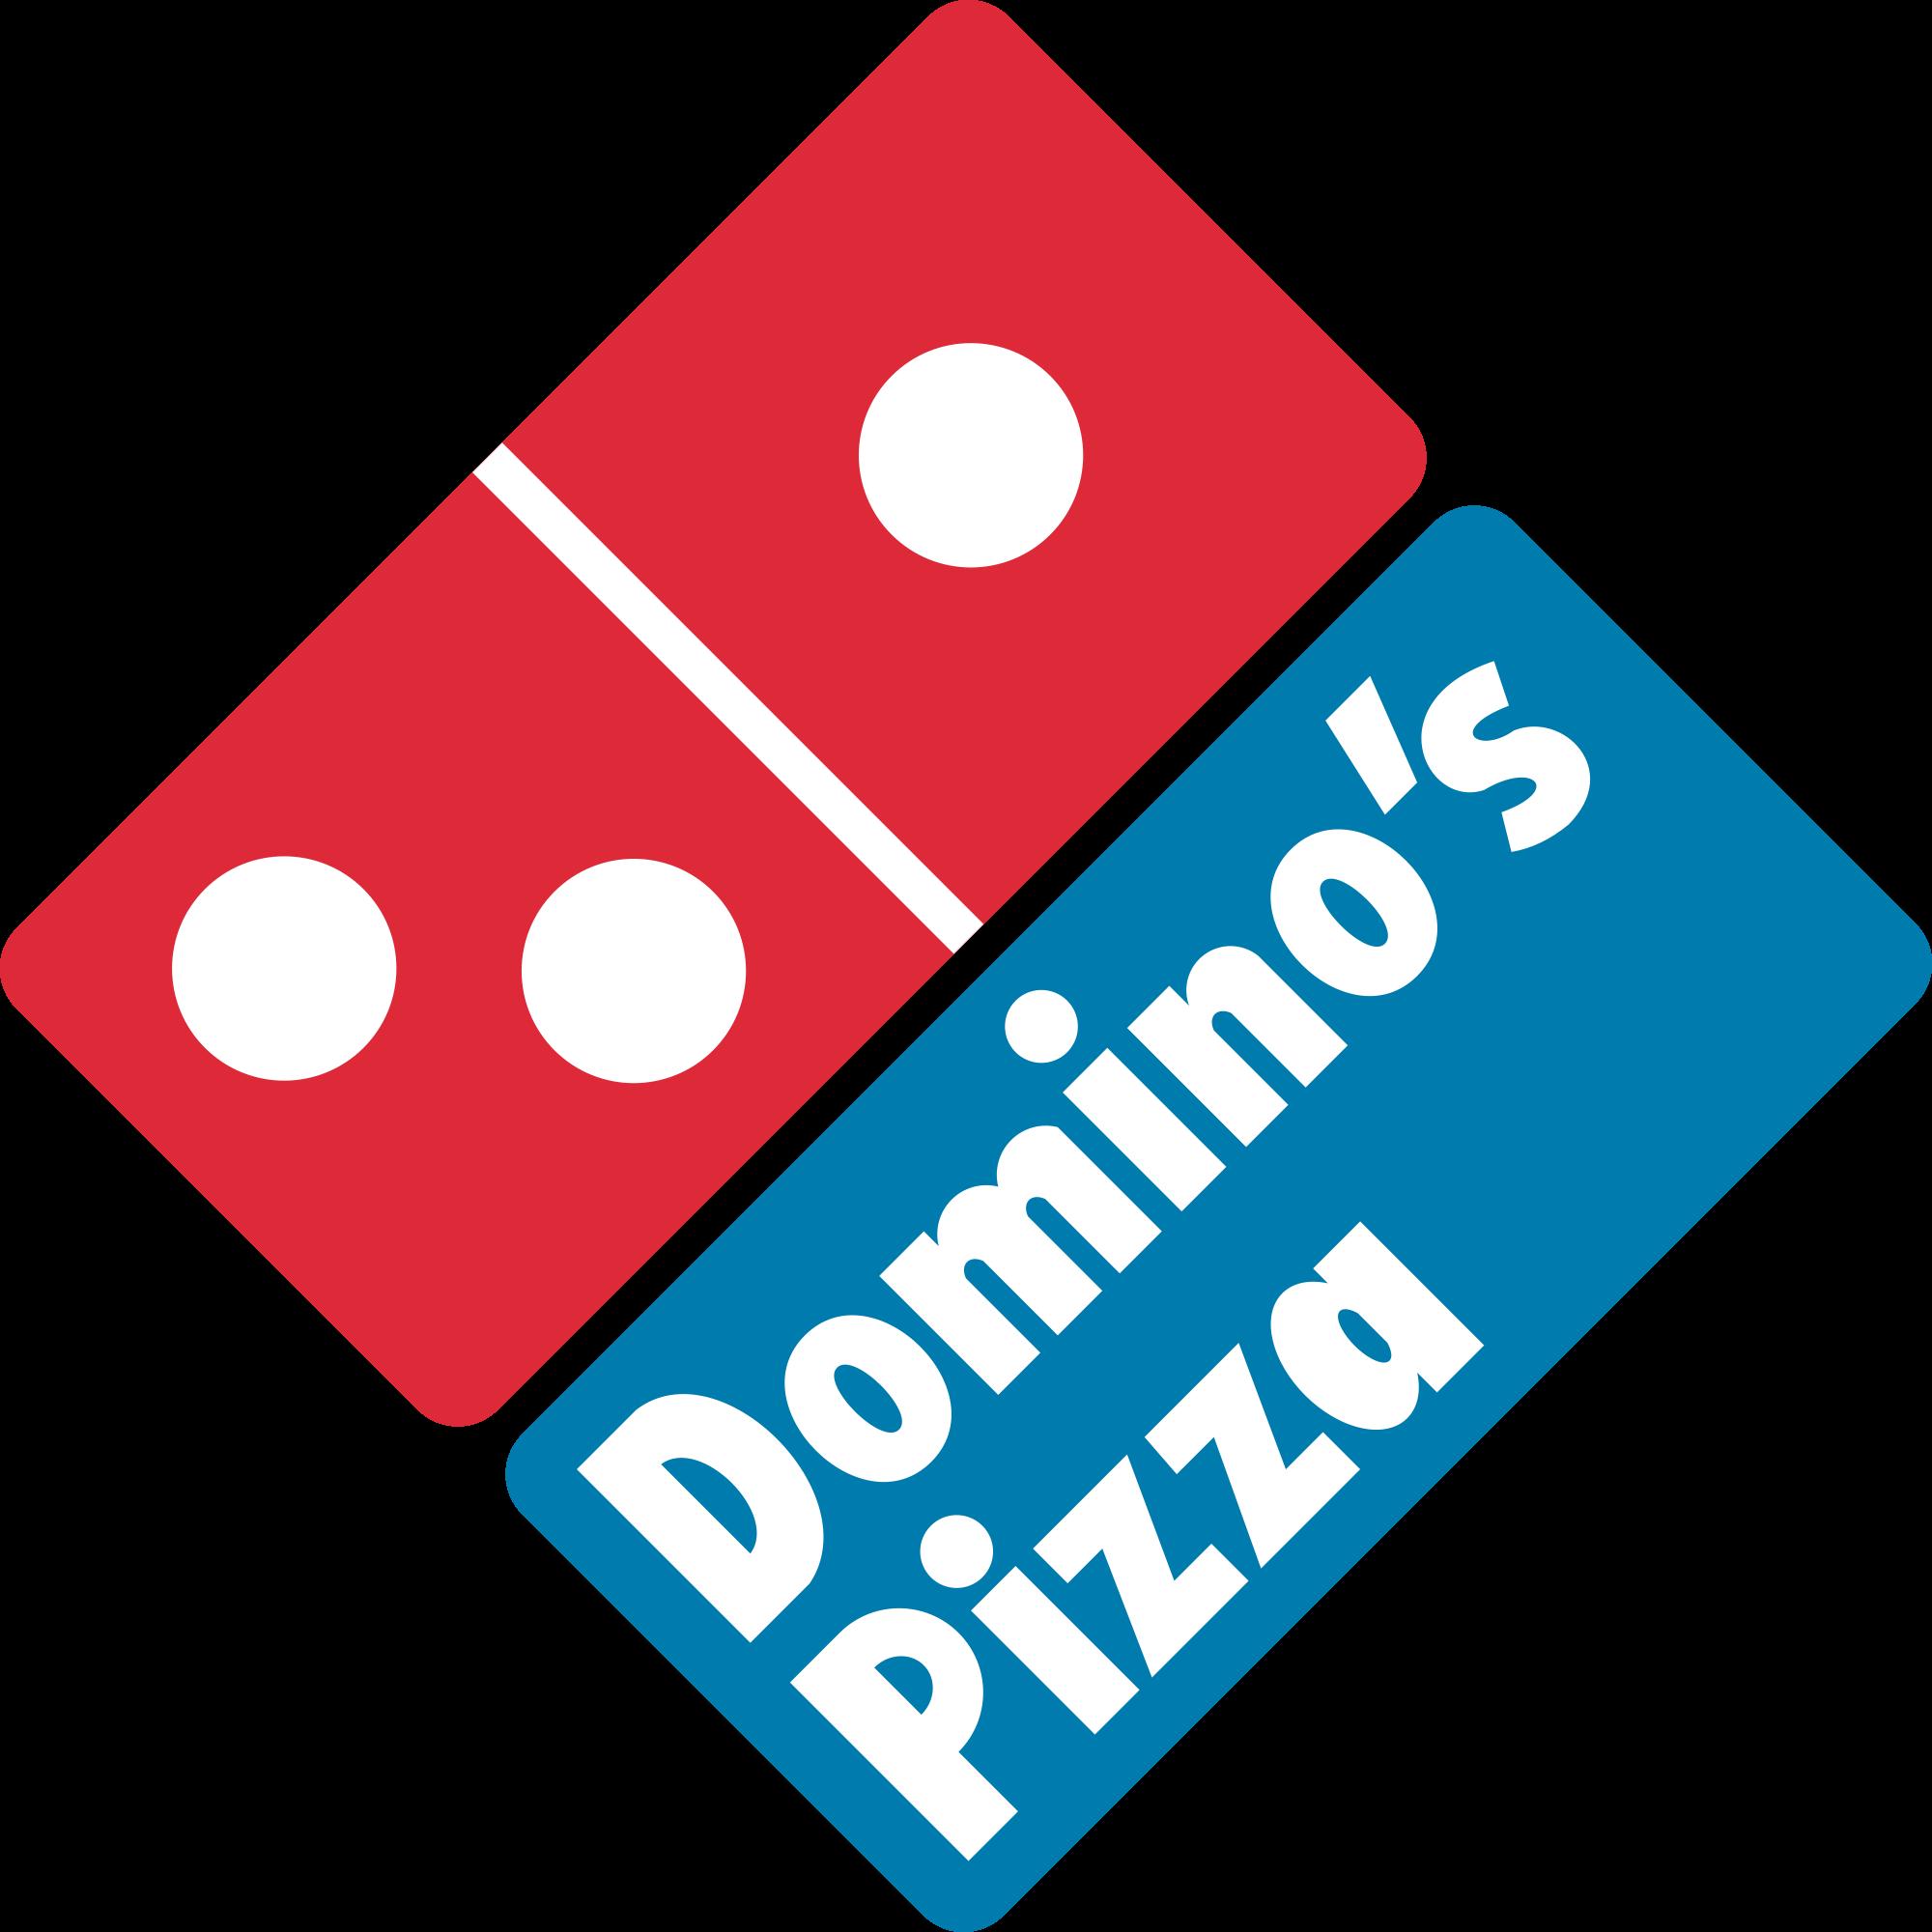 Domino's Pizza (DPZ)